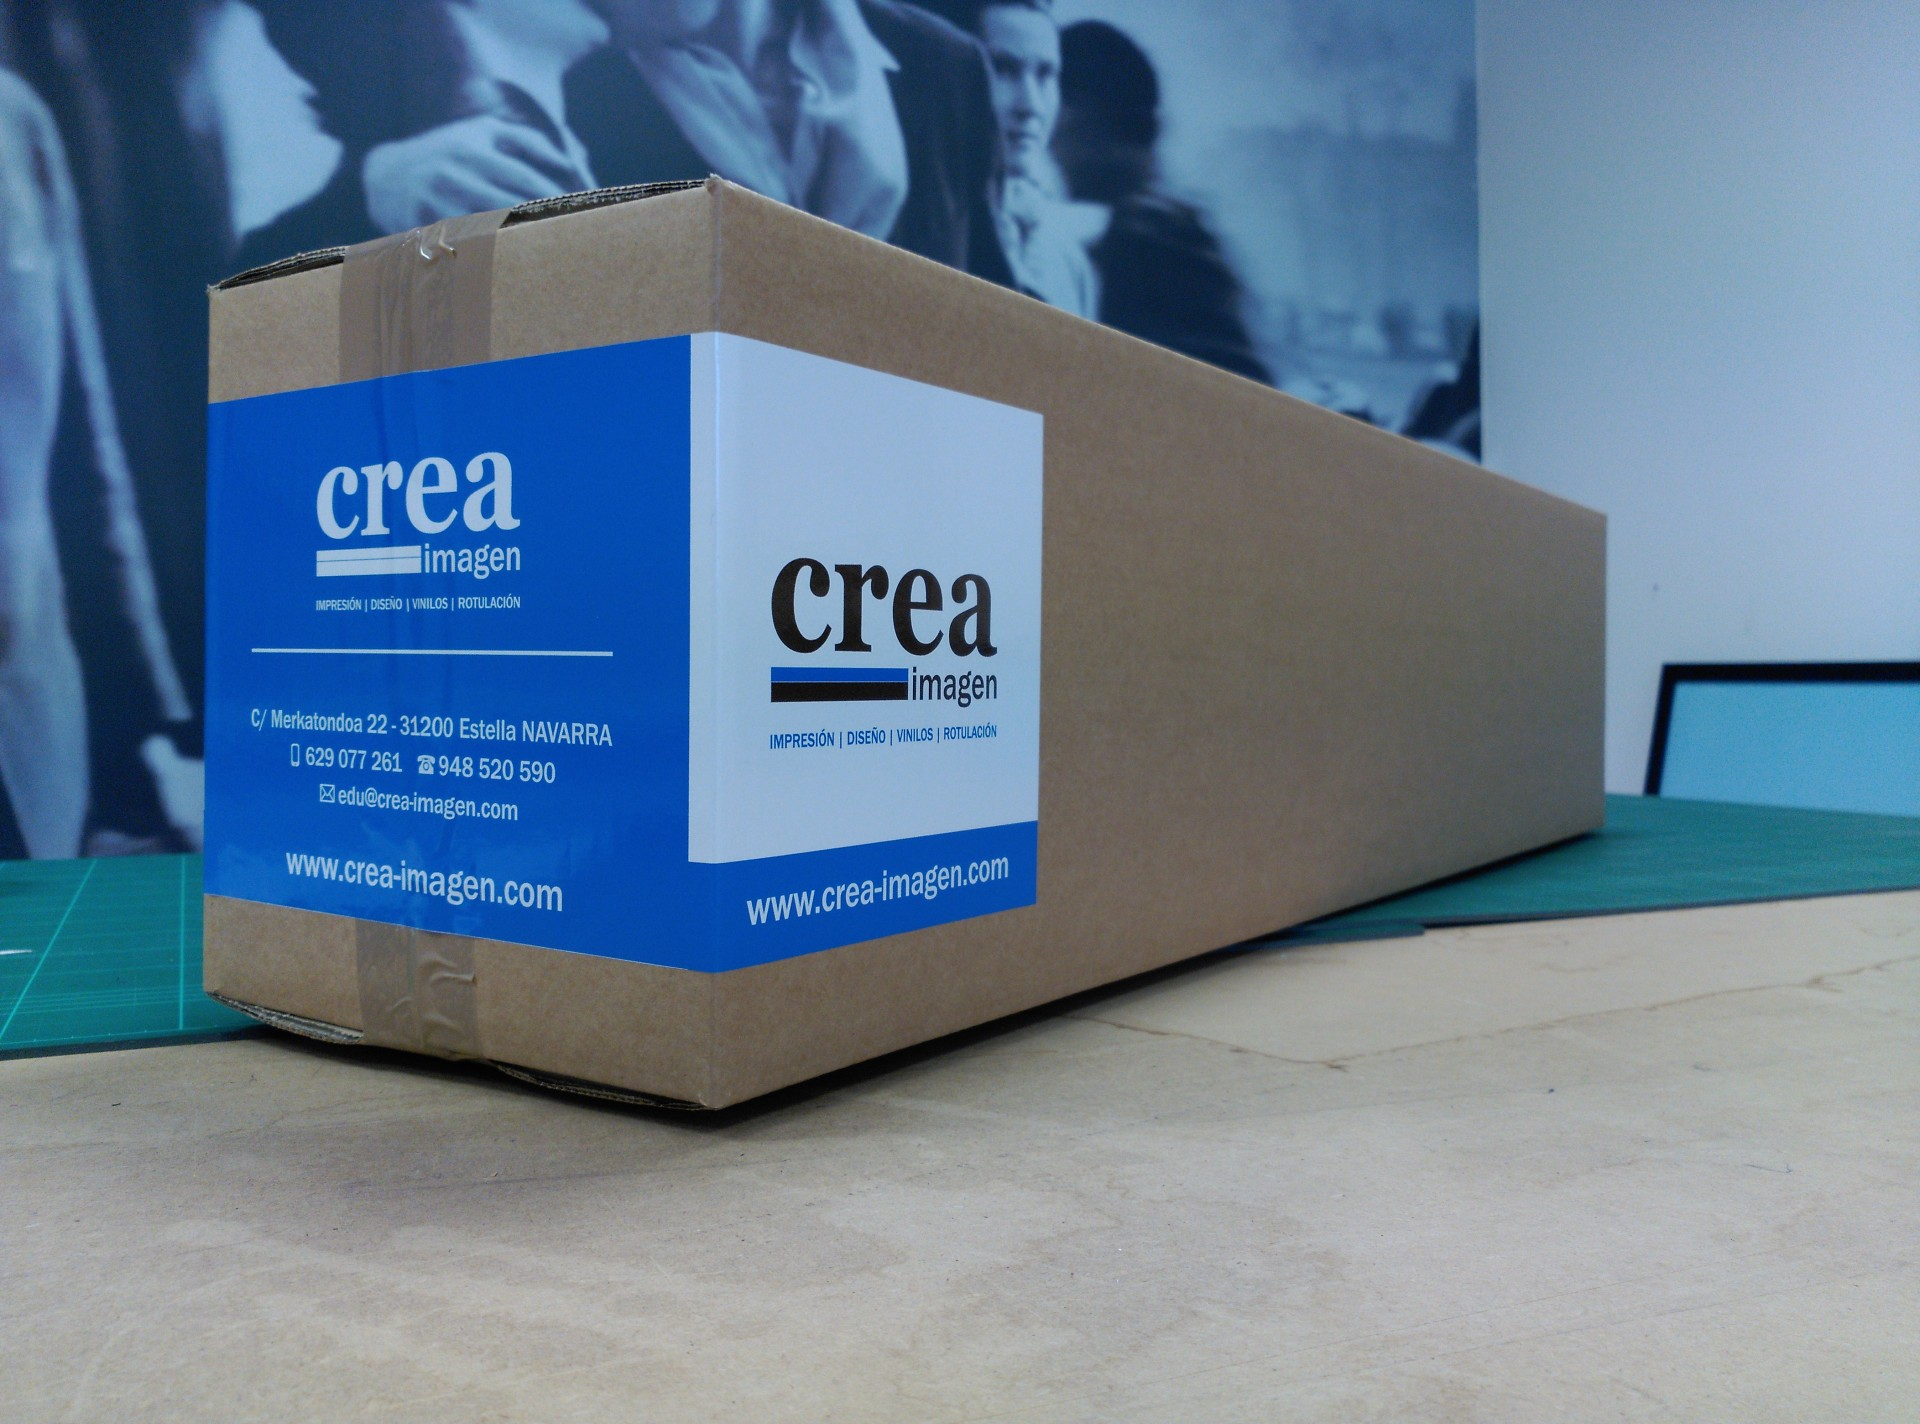 crea_imagen_packaging